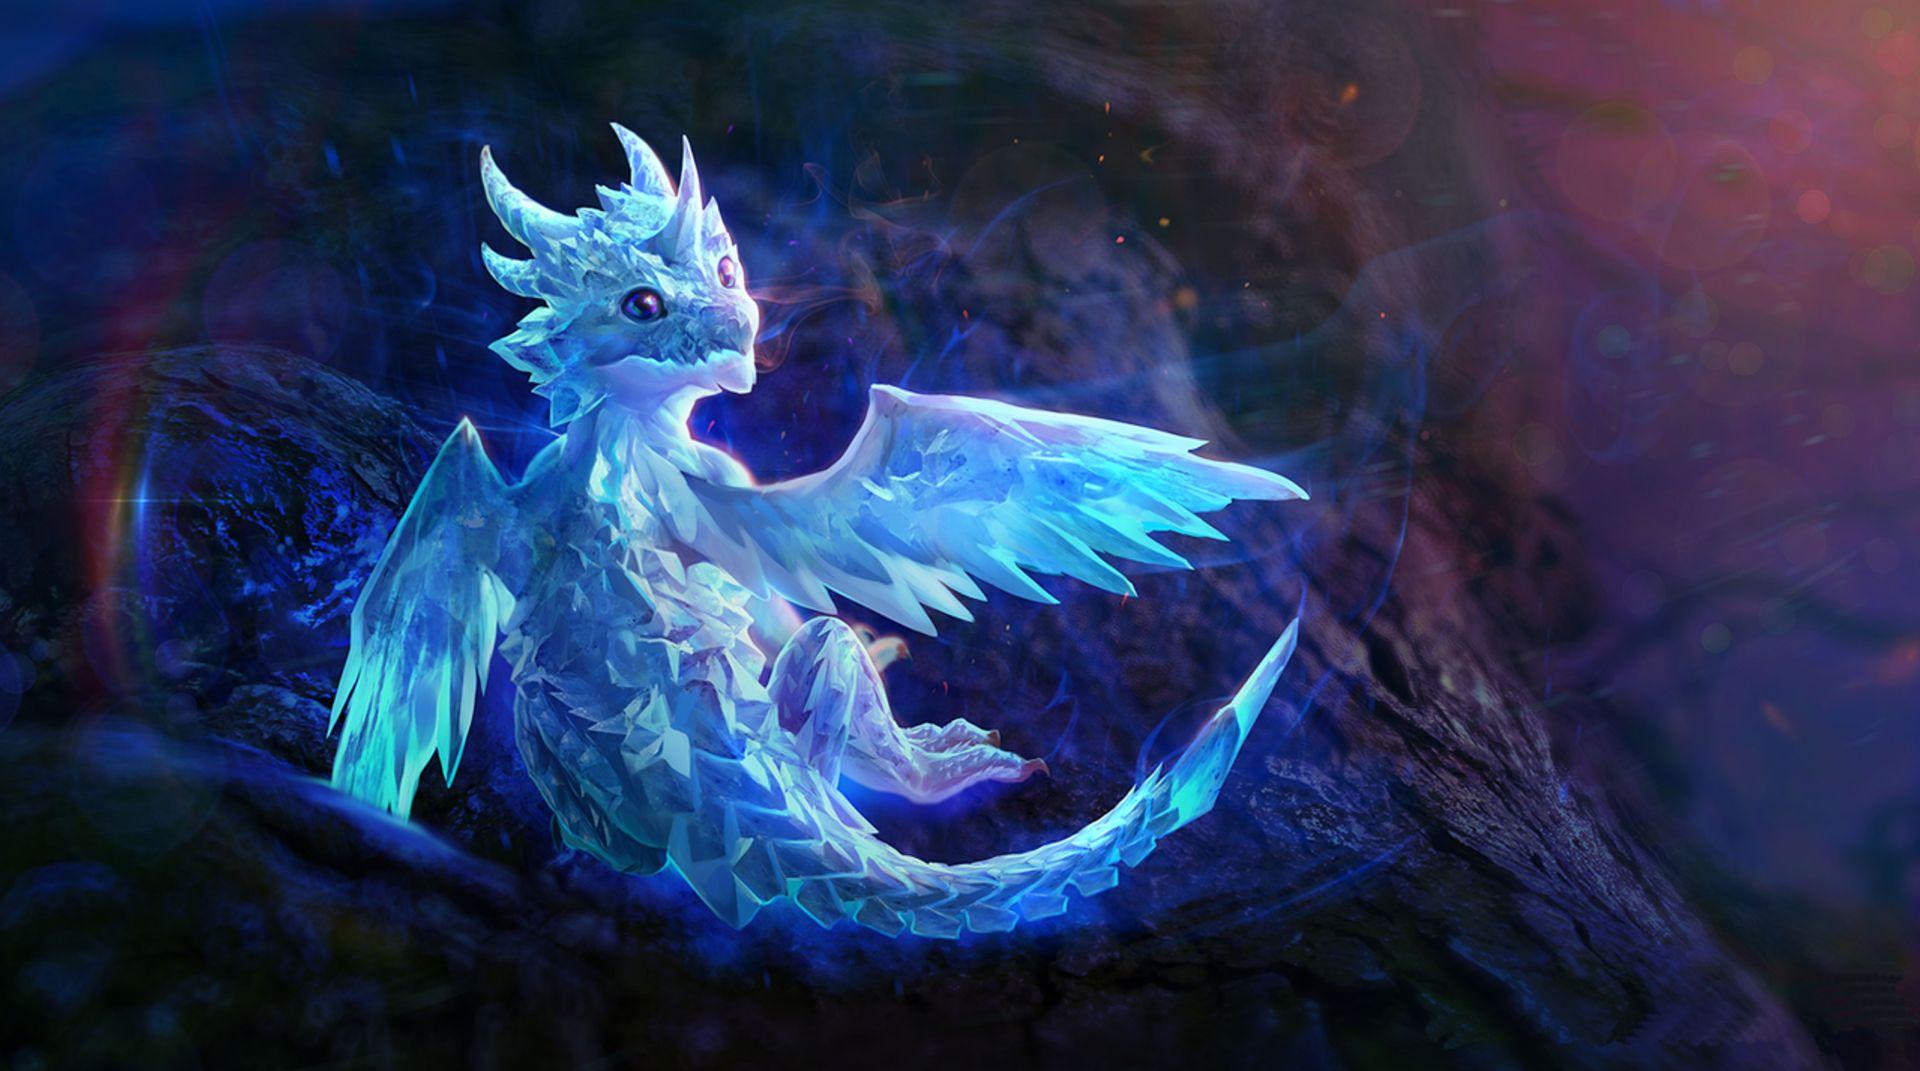 cute blue dragon wallpaper